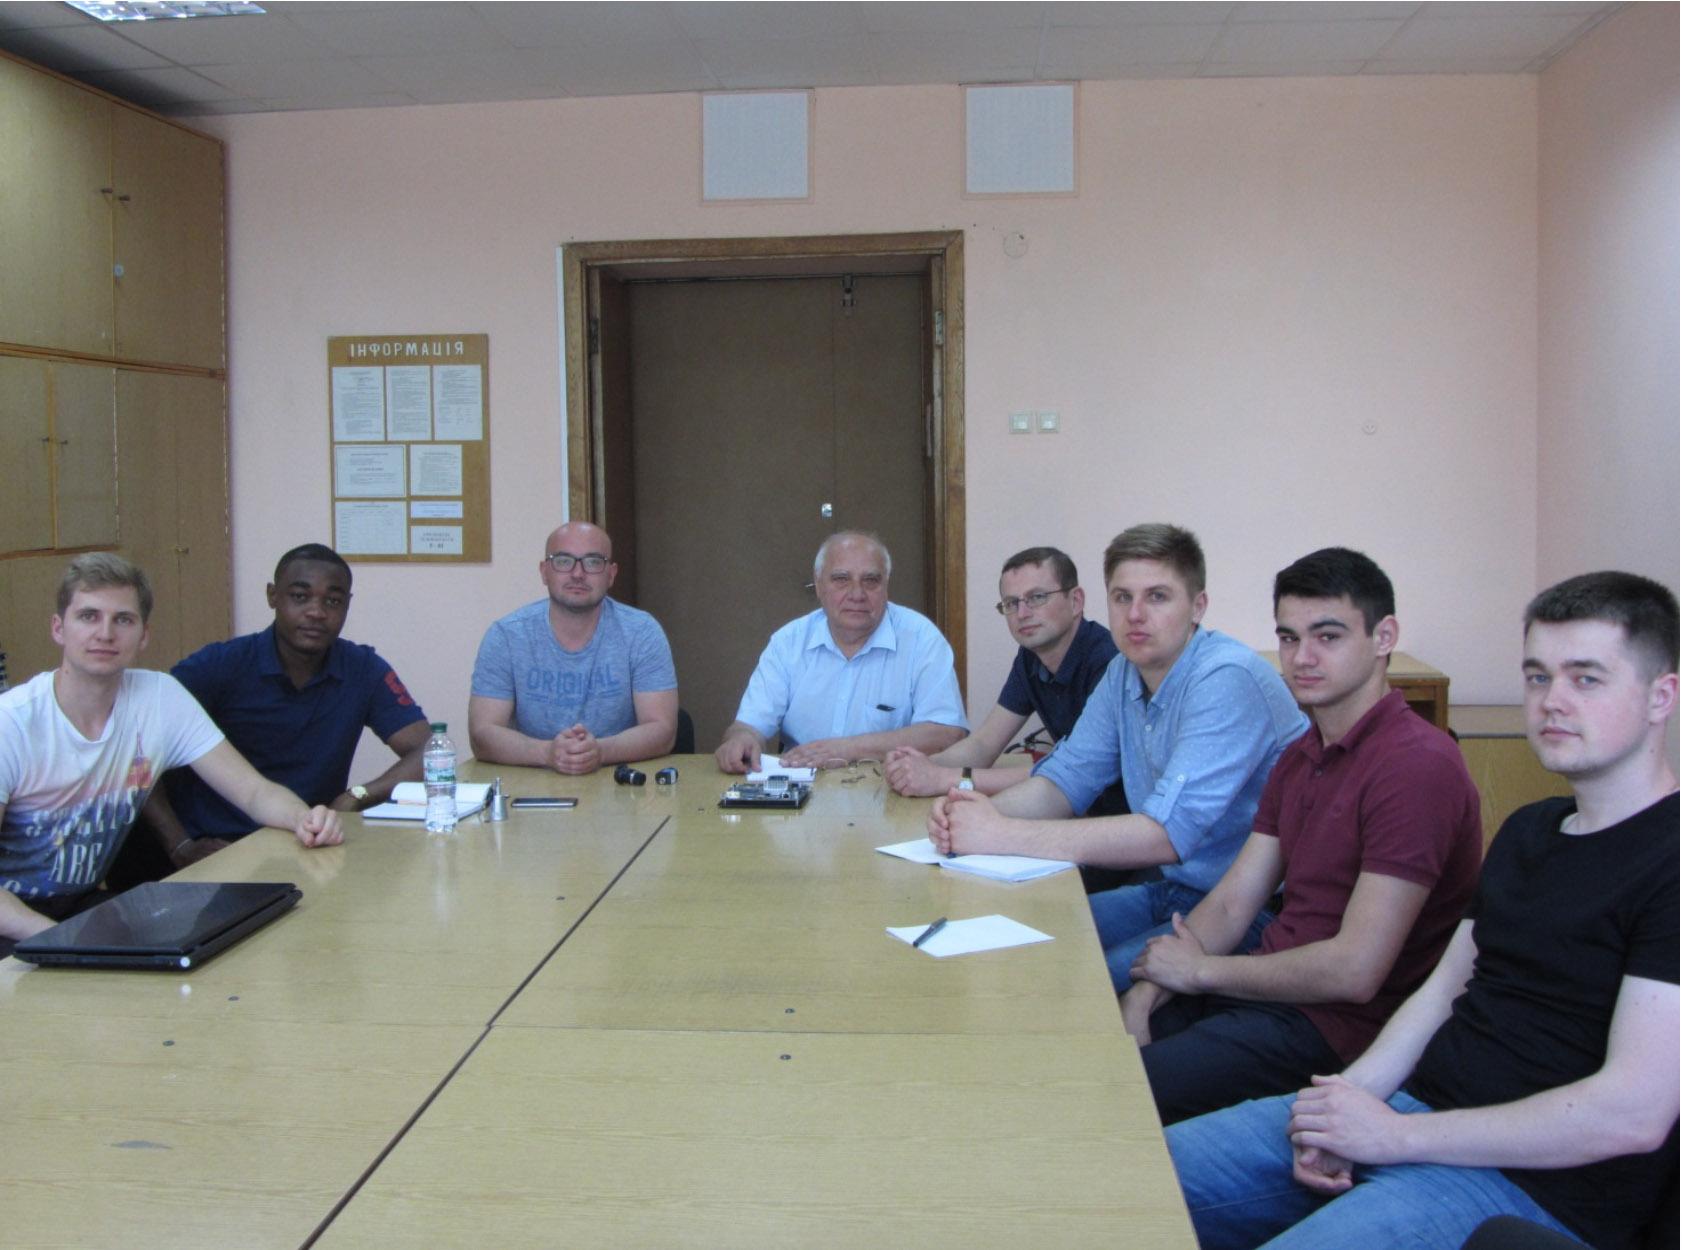 учасники від THM: Marcel Kummer, Frank Tanenkeu, відповідальна особа Dimitrij Neubauer, завідувач кафедри АЕМС-ЕП